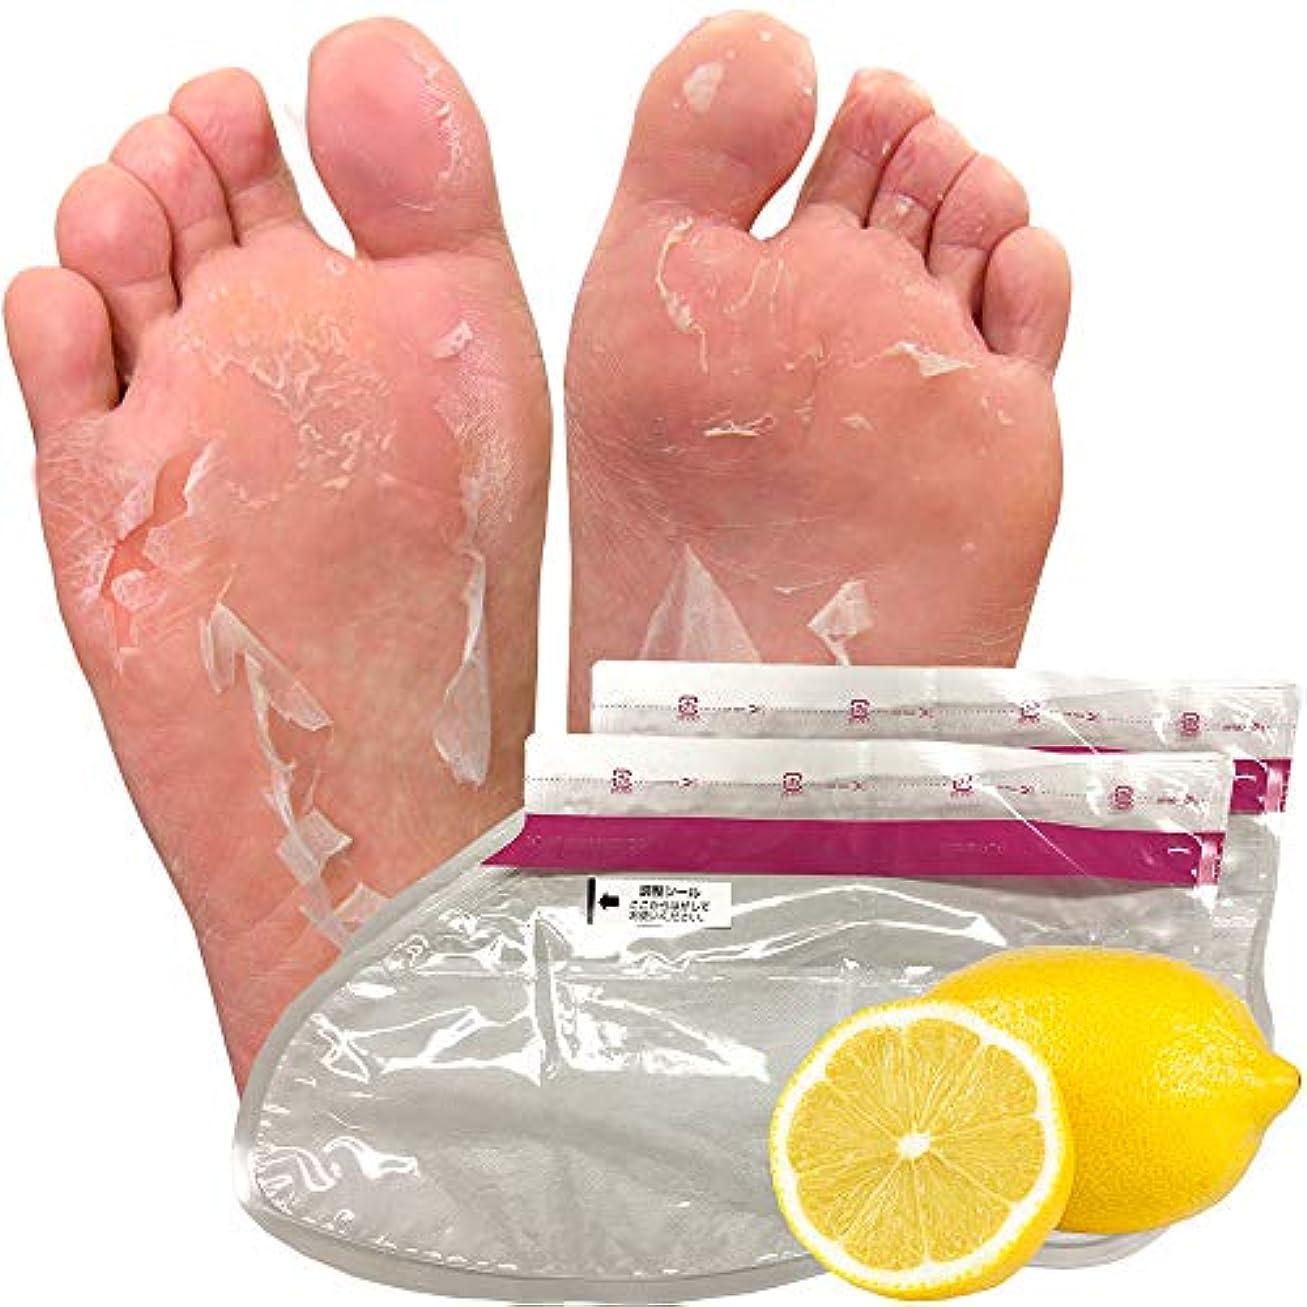 スケジュール無駄小屋【5回分】レモン フットピーリングパック ペロリン 足の角質取りパック 足 かくしつ 除去バック 足の裏